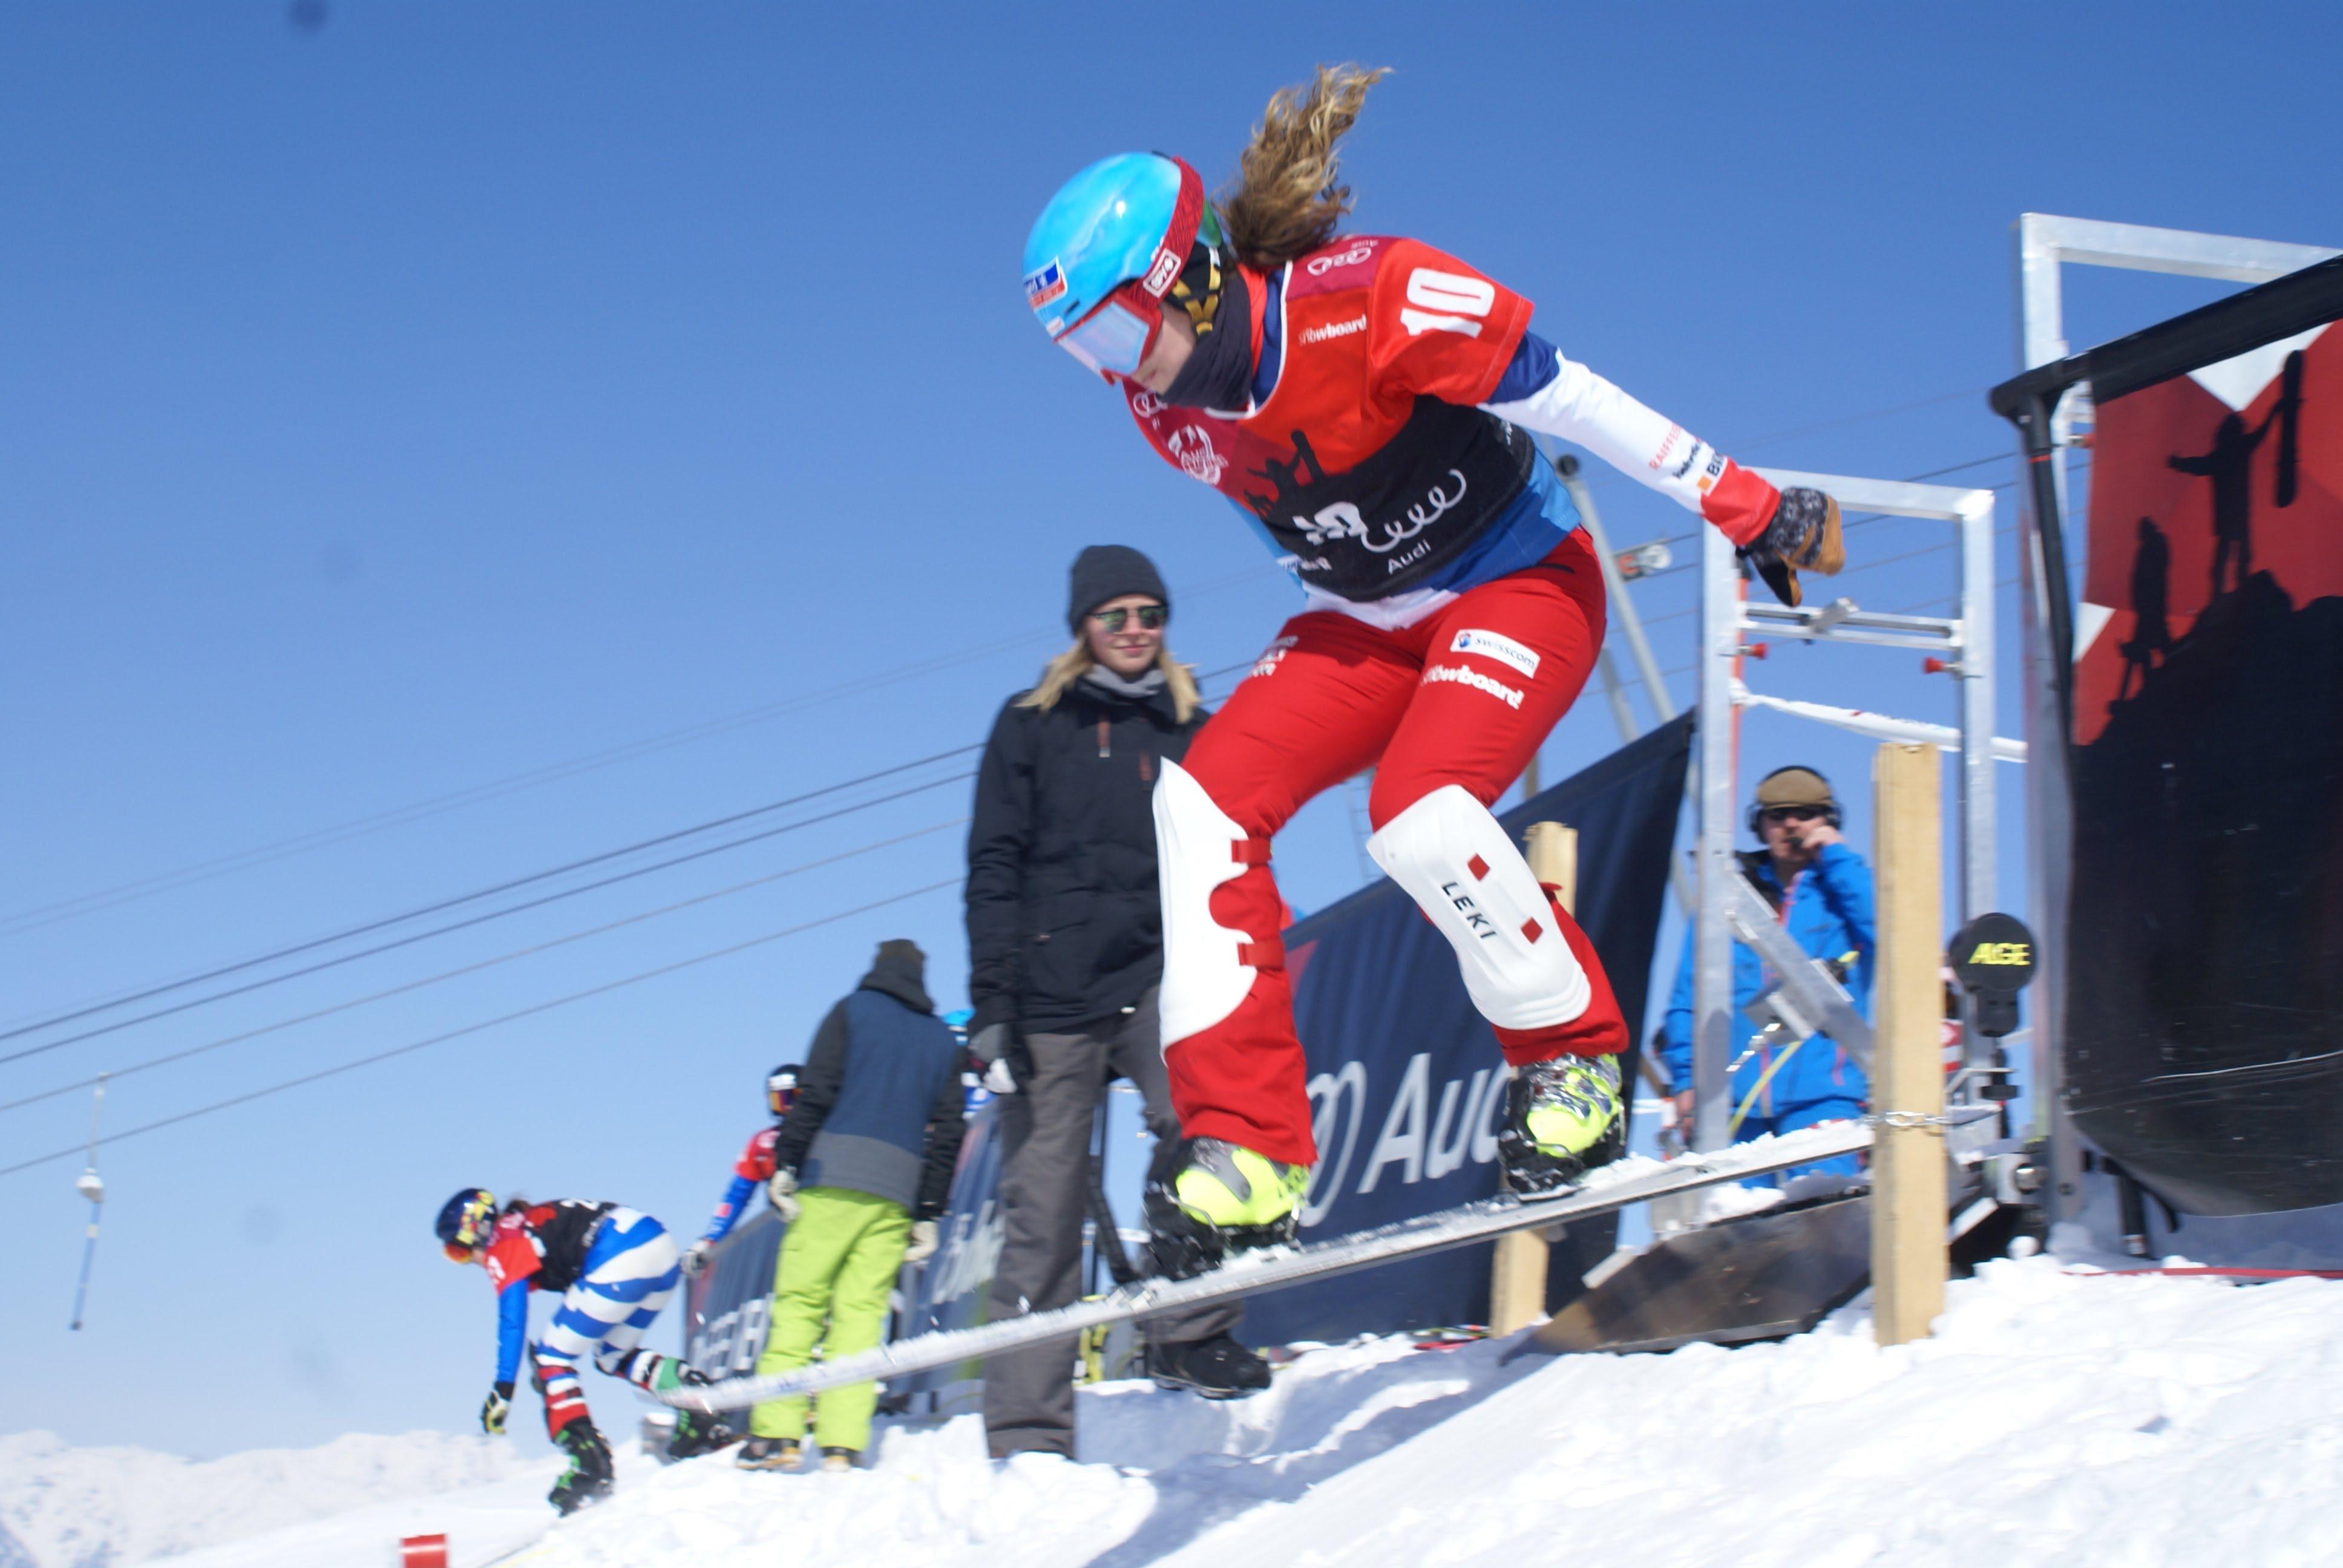 Patrizia Kummer beim Start an der Schweizermeisterschaft in Davos im März 2018.